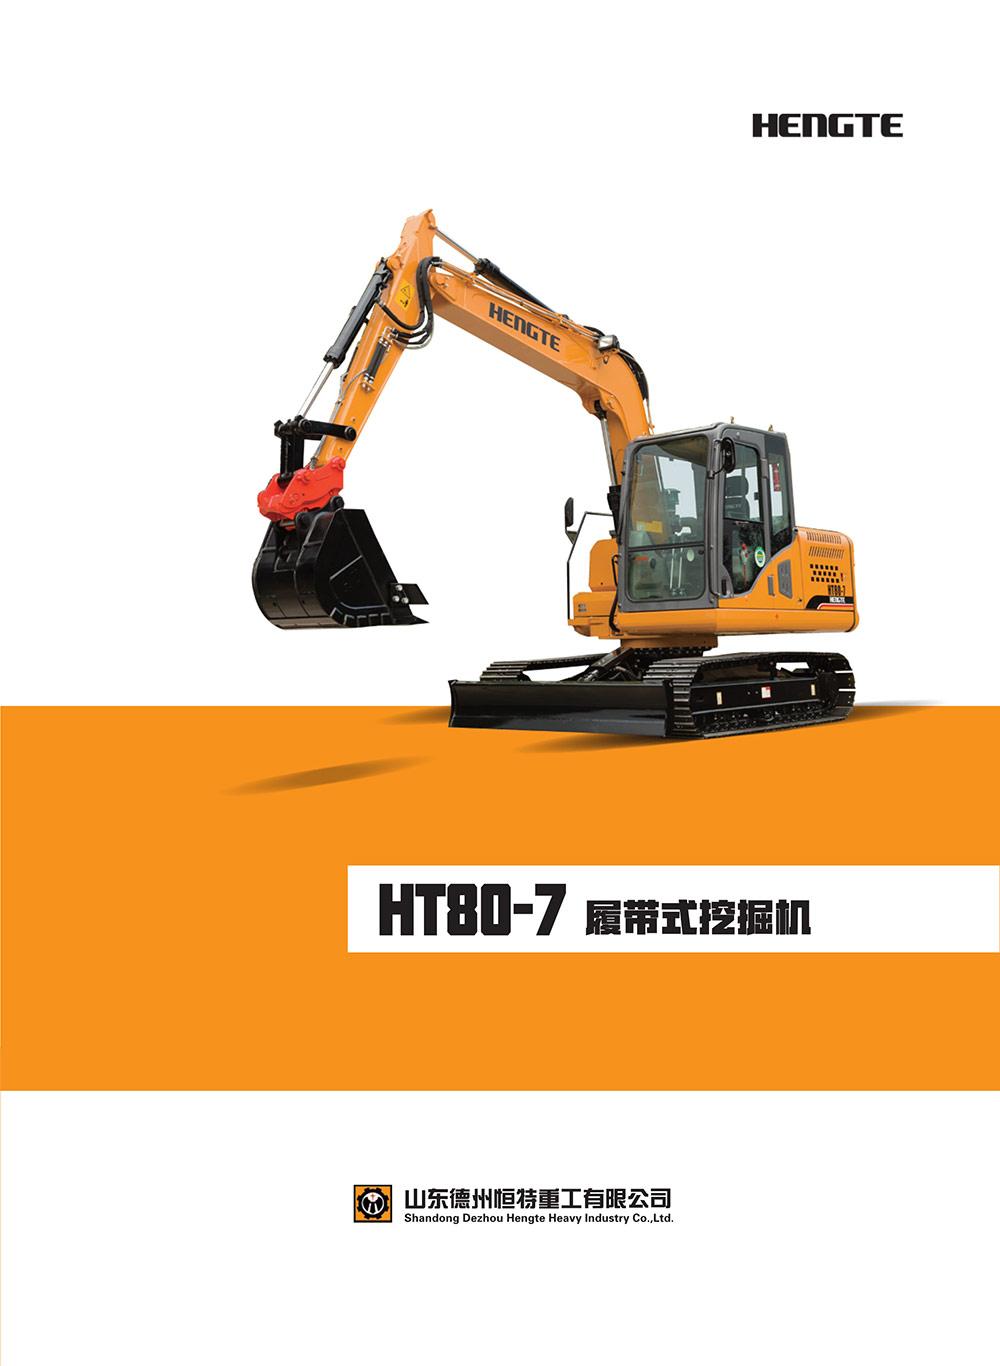 恒特HT80-7履带式挖掘机电子样本